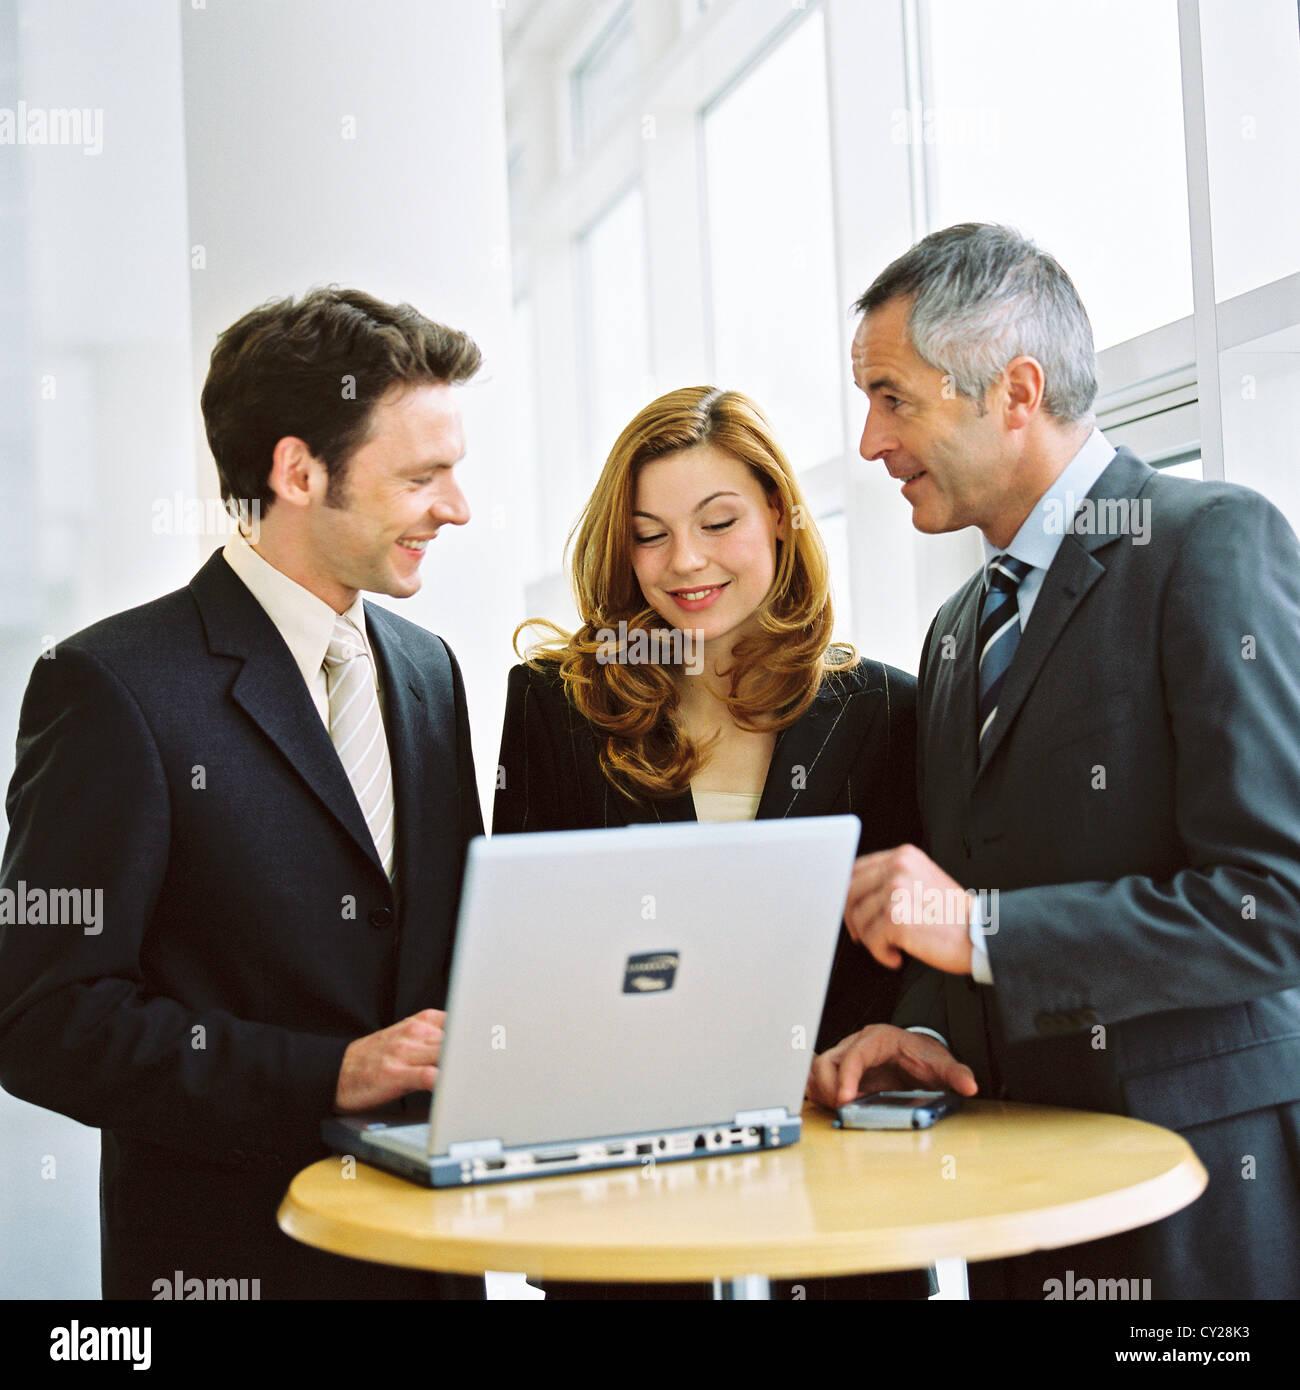 Business-Leute Mann Frau Vertrauen Zusammenarbeit Laptop Notebook lizenzfrei außer anzeigen und Reklametafeln Stockbild